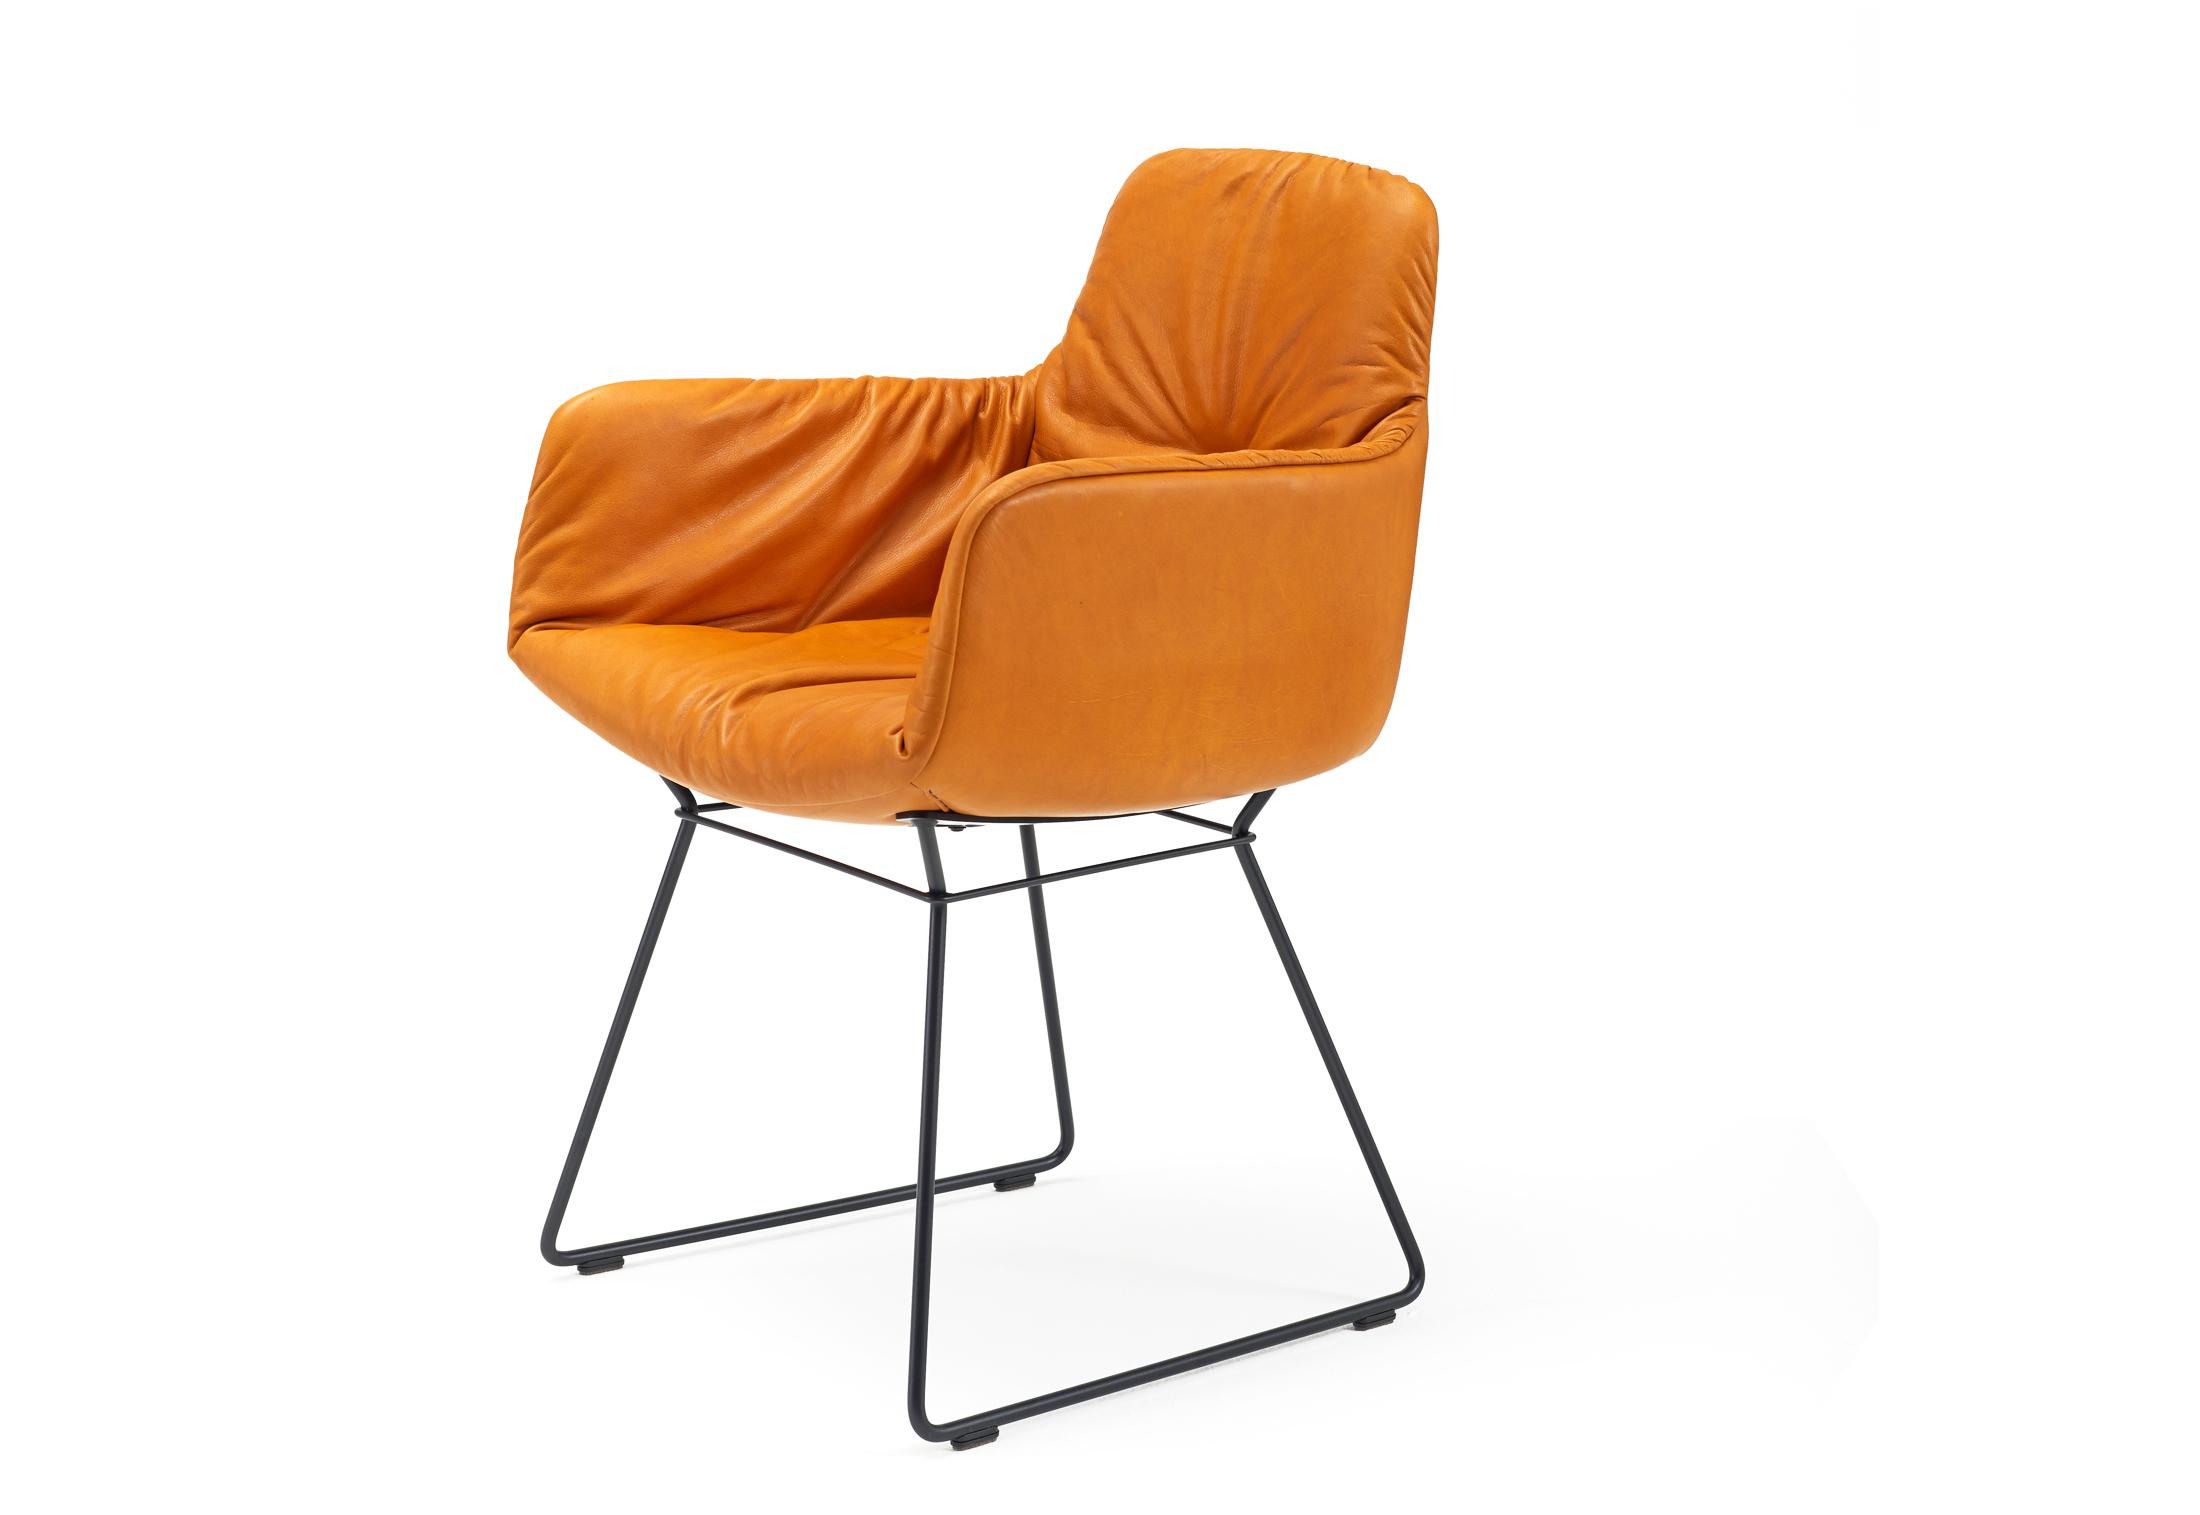 Fantastisch Orange Romex Draht Bilder - Der Schaltplan - greigo.com